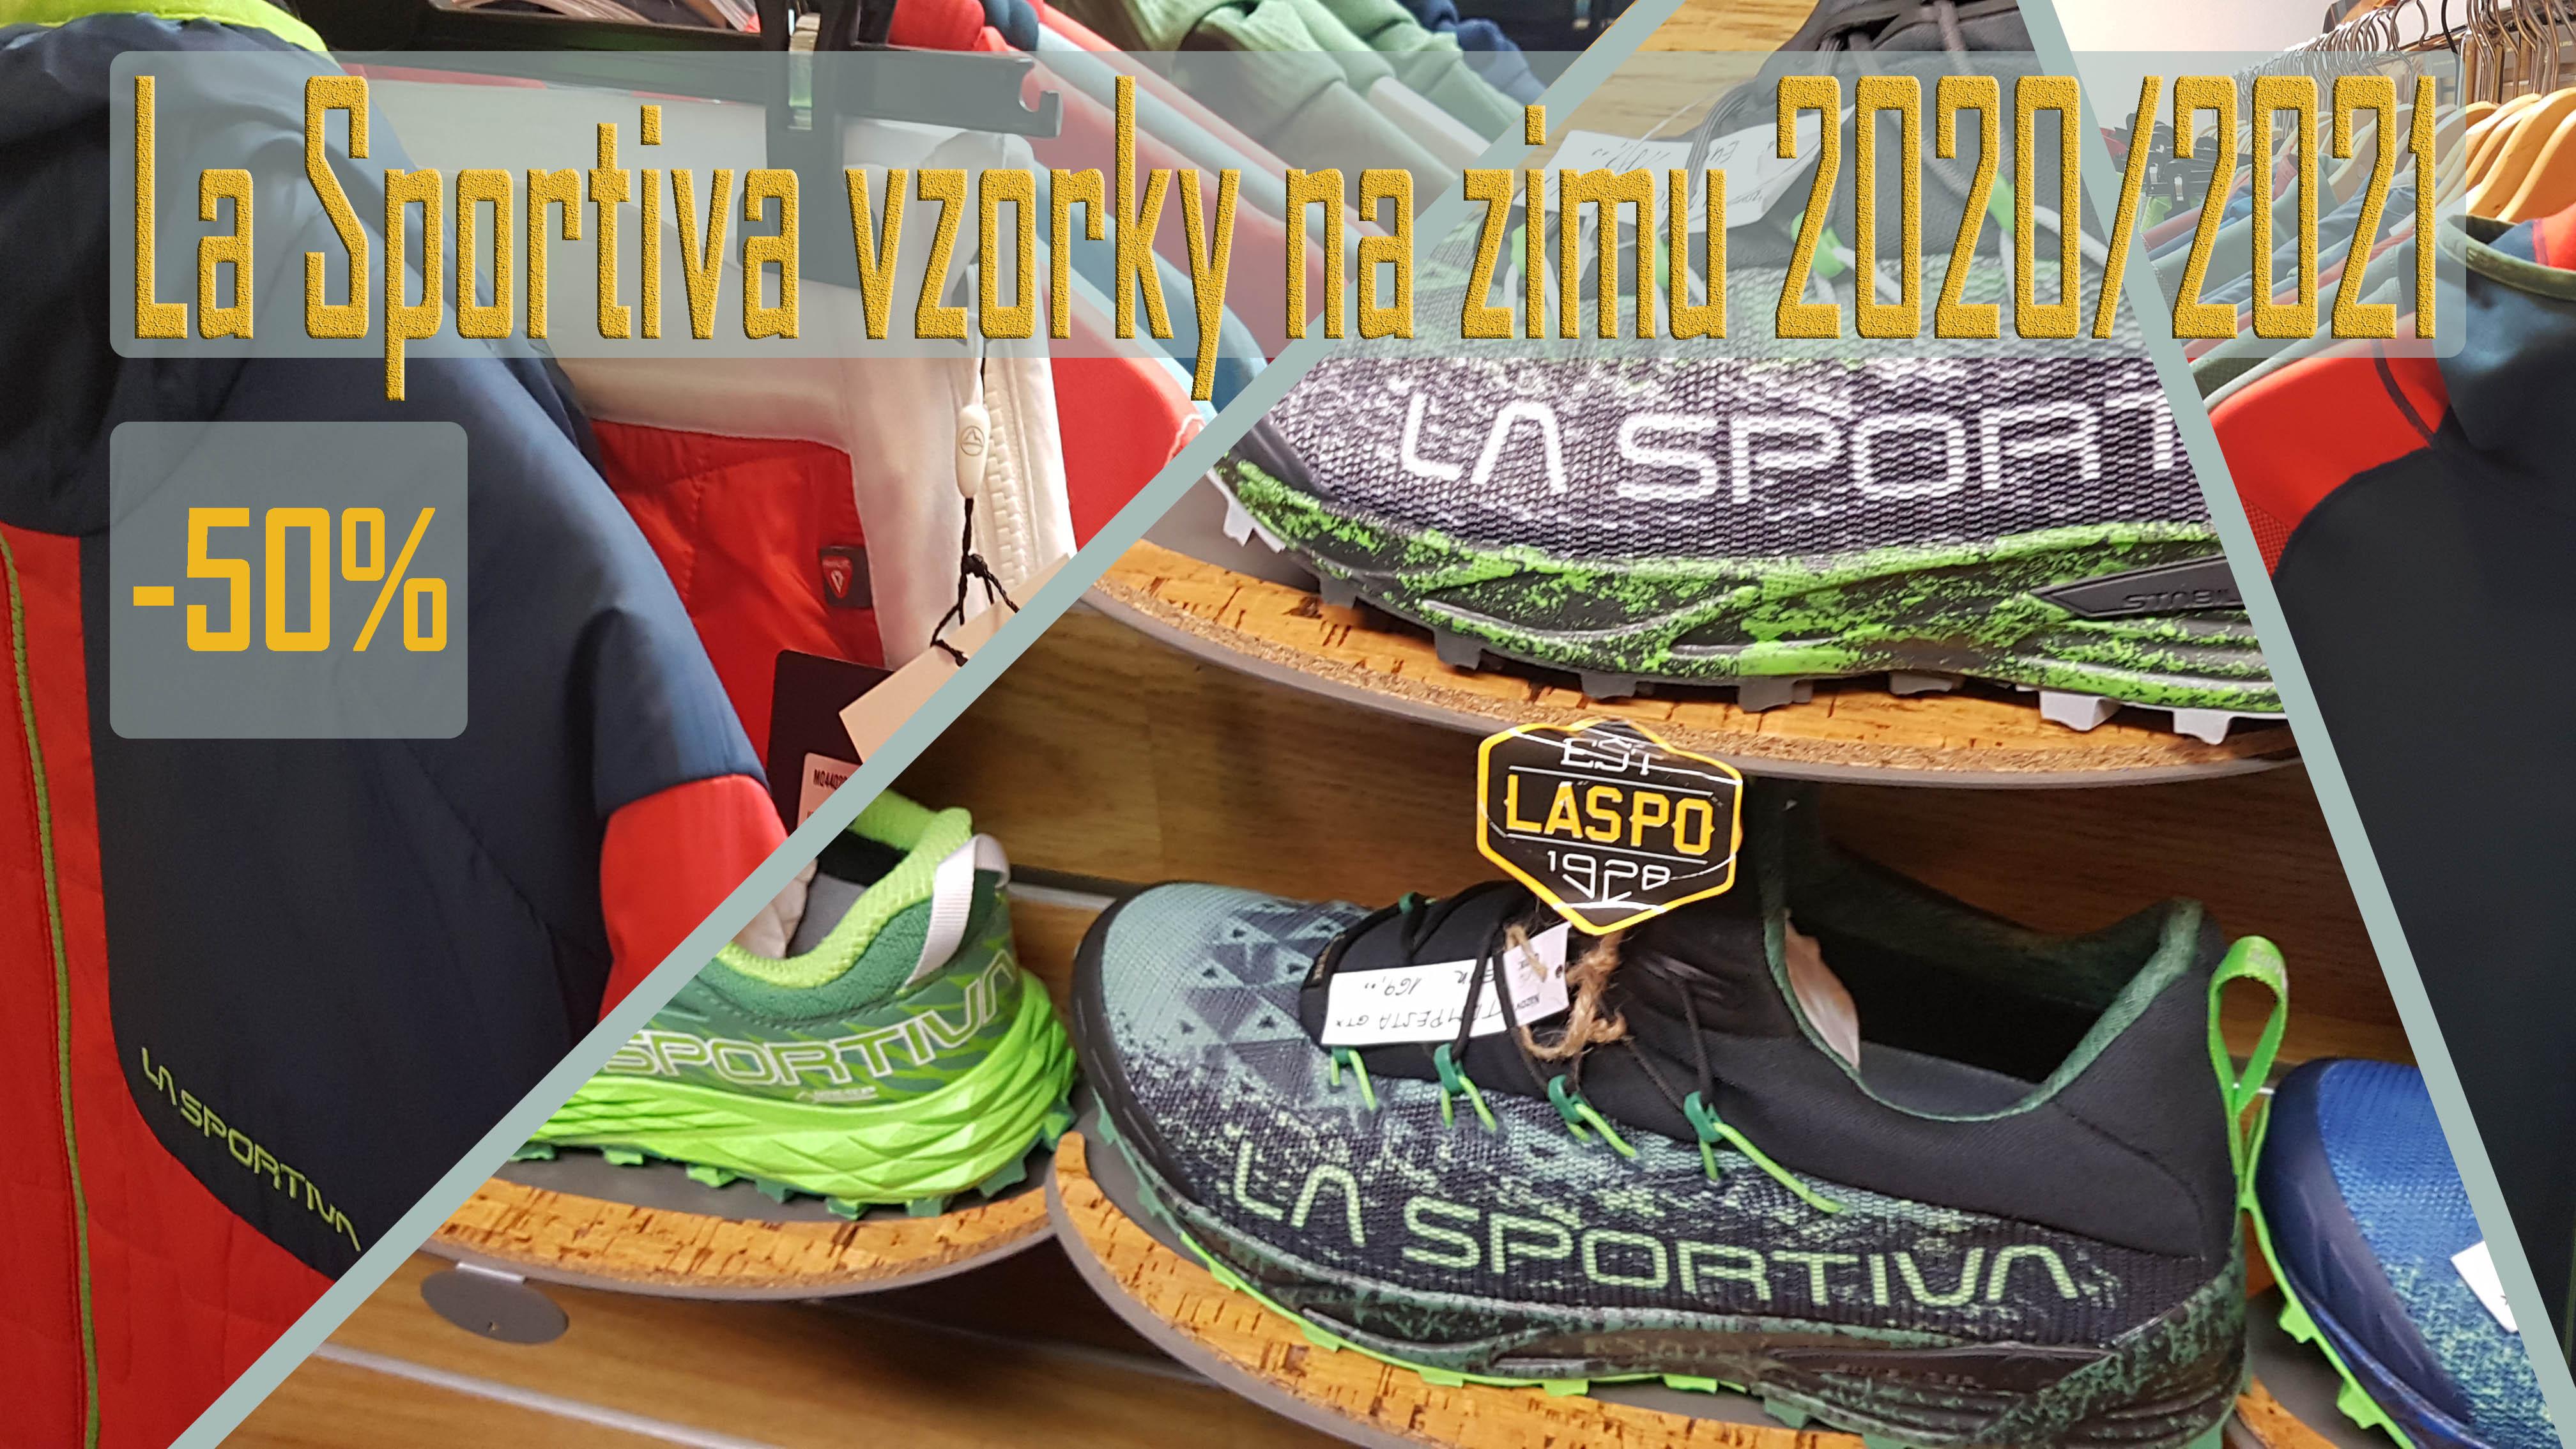 La Sportiva vzorky zima 2020/2021